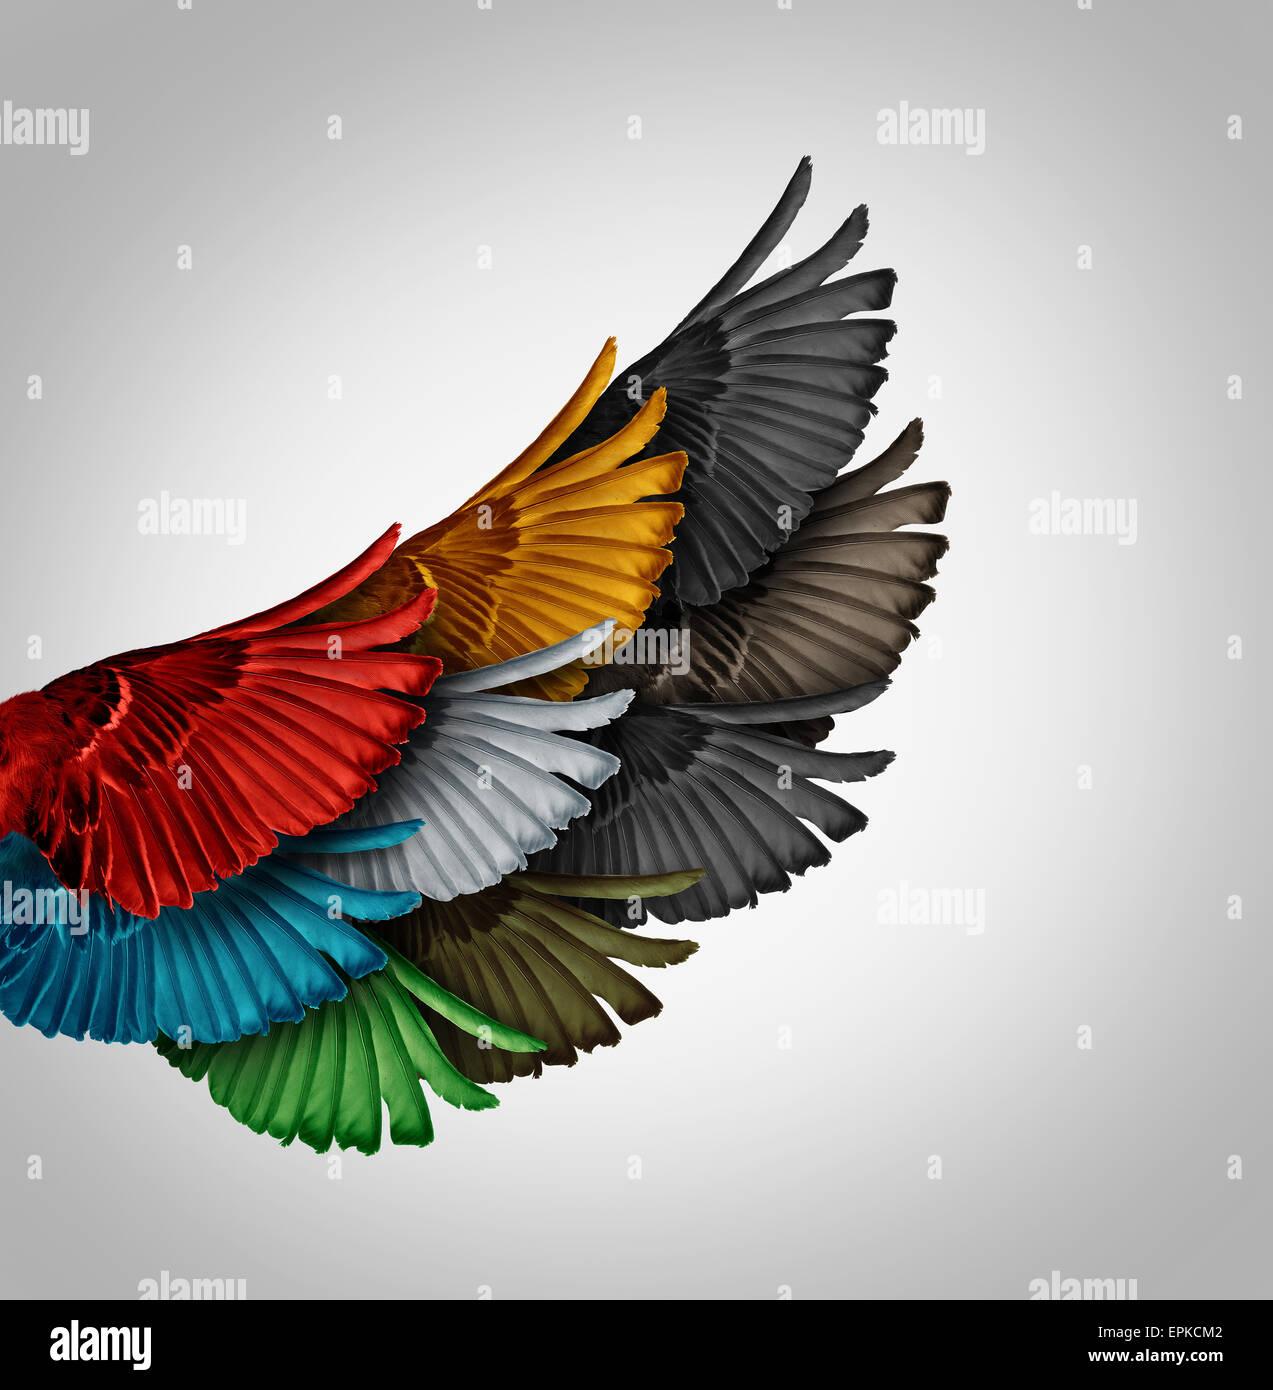 Concepto de alianza y la idea de negocio trabajando juntos como un grupo diverso de aves de alas venir como uno Imagen De Stock